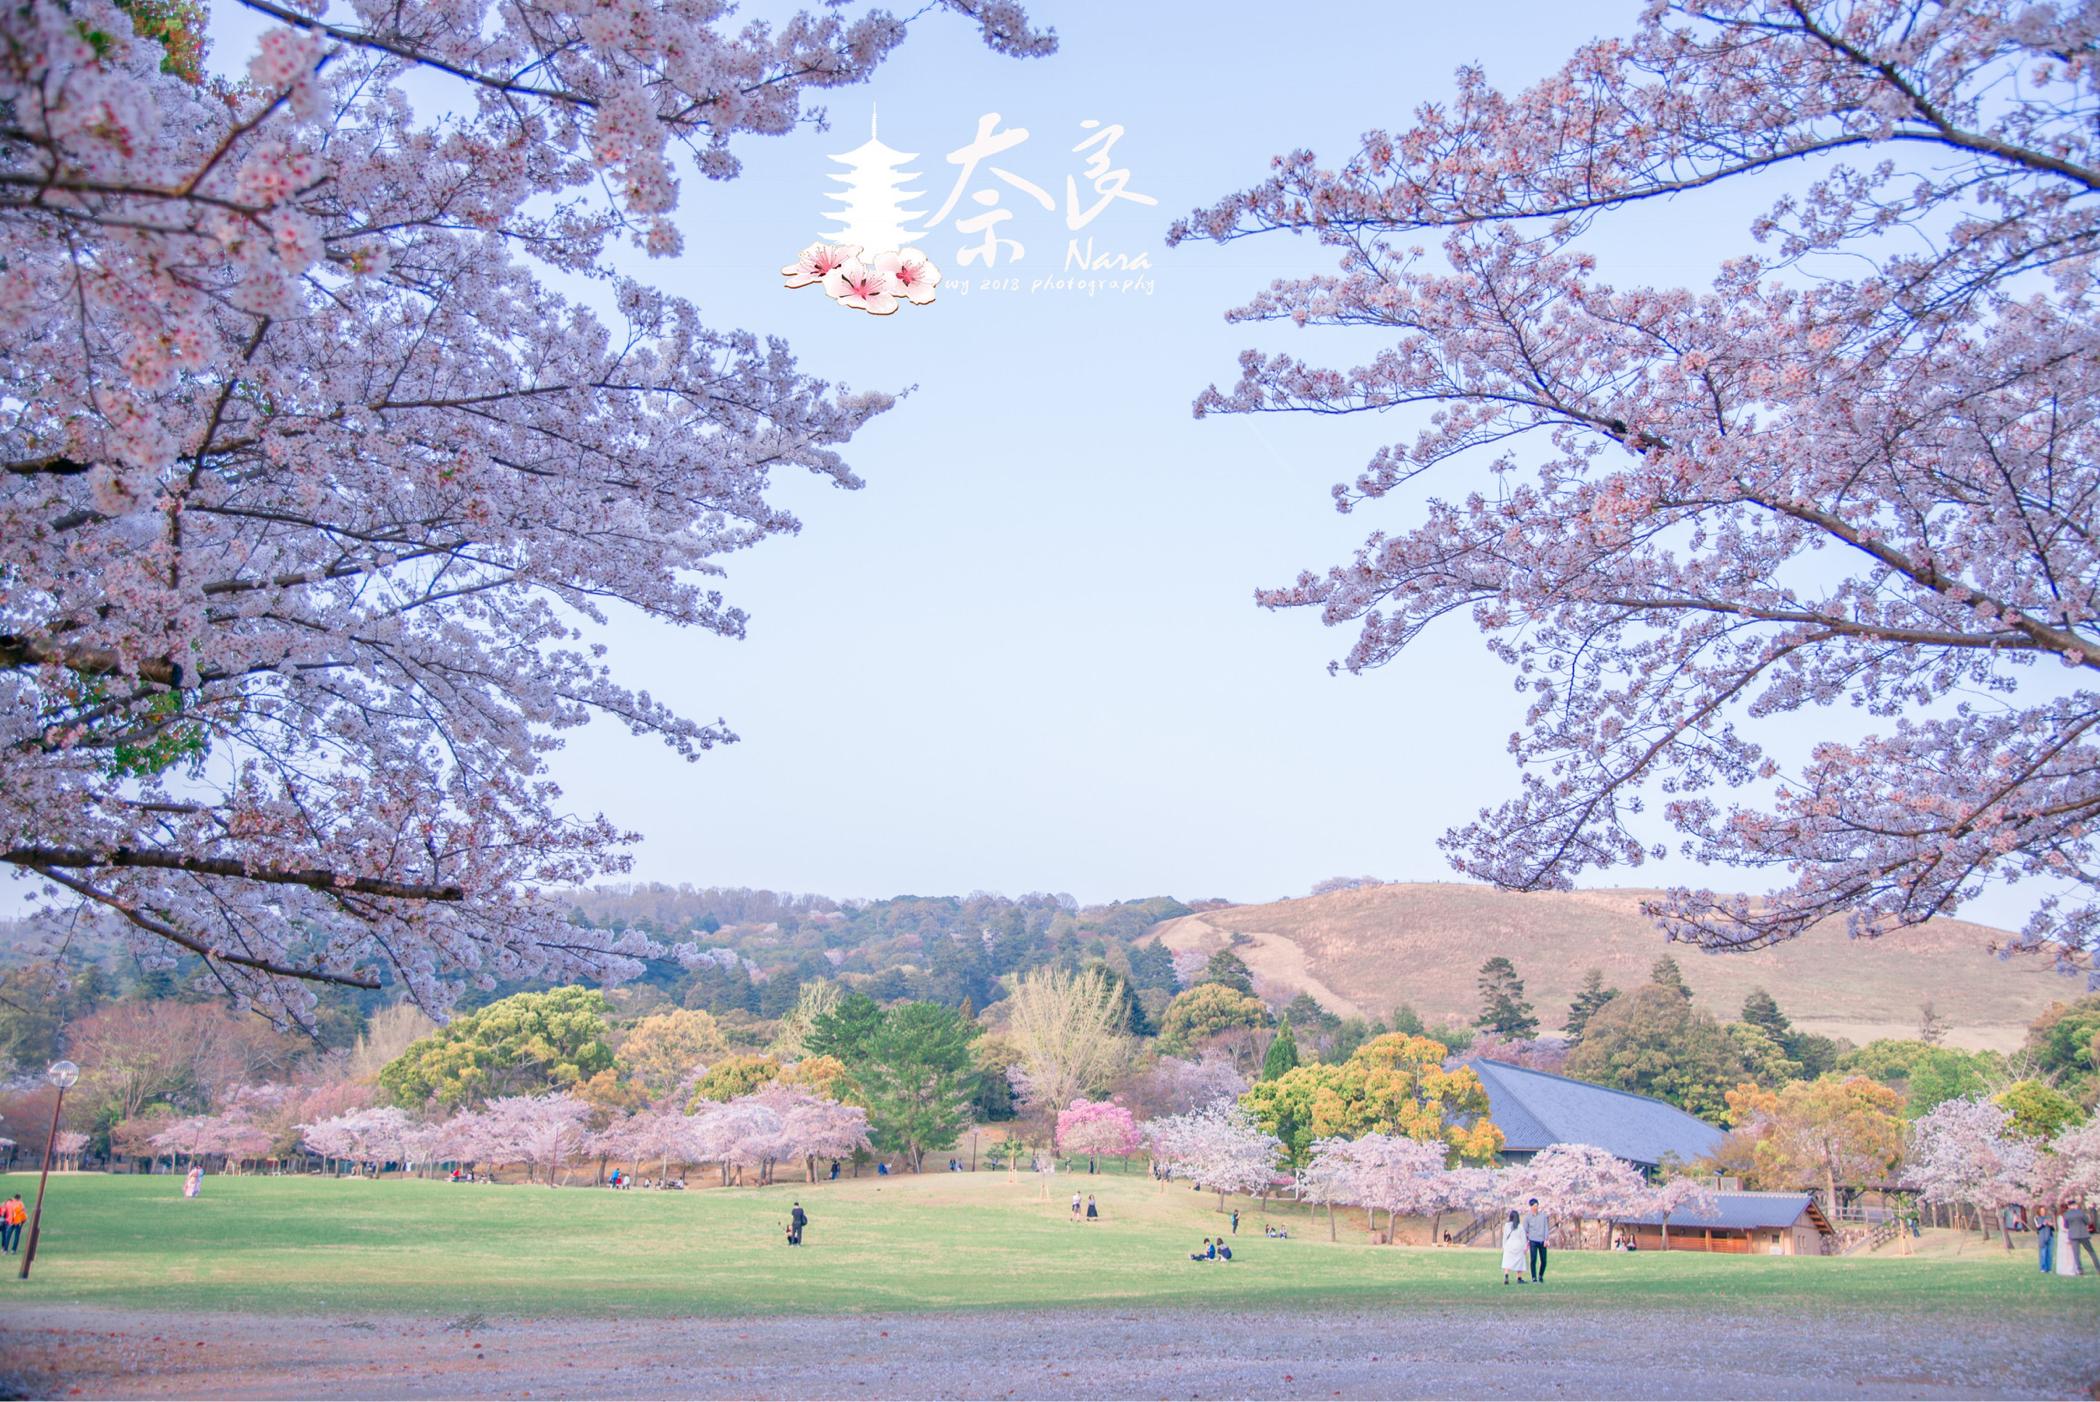 再行日本——关东关西的樱花季雨(多图+赏樱攻略)